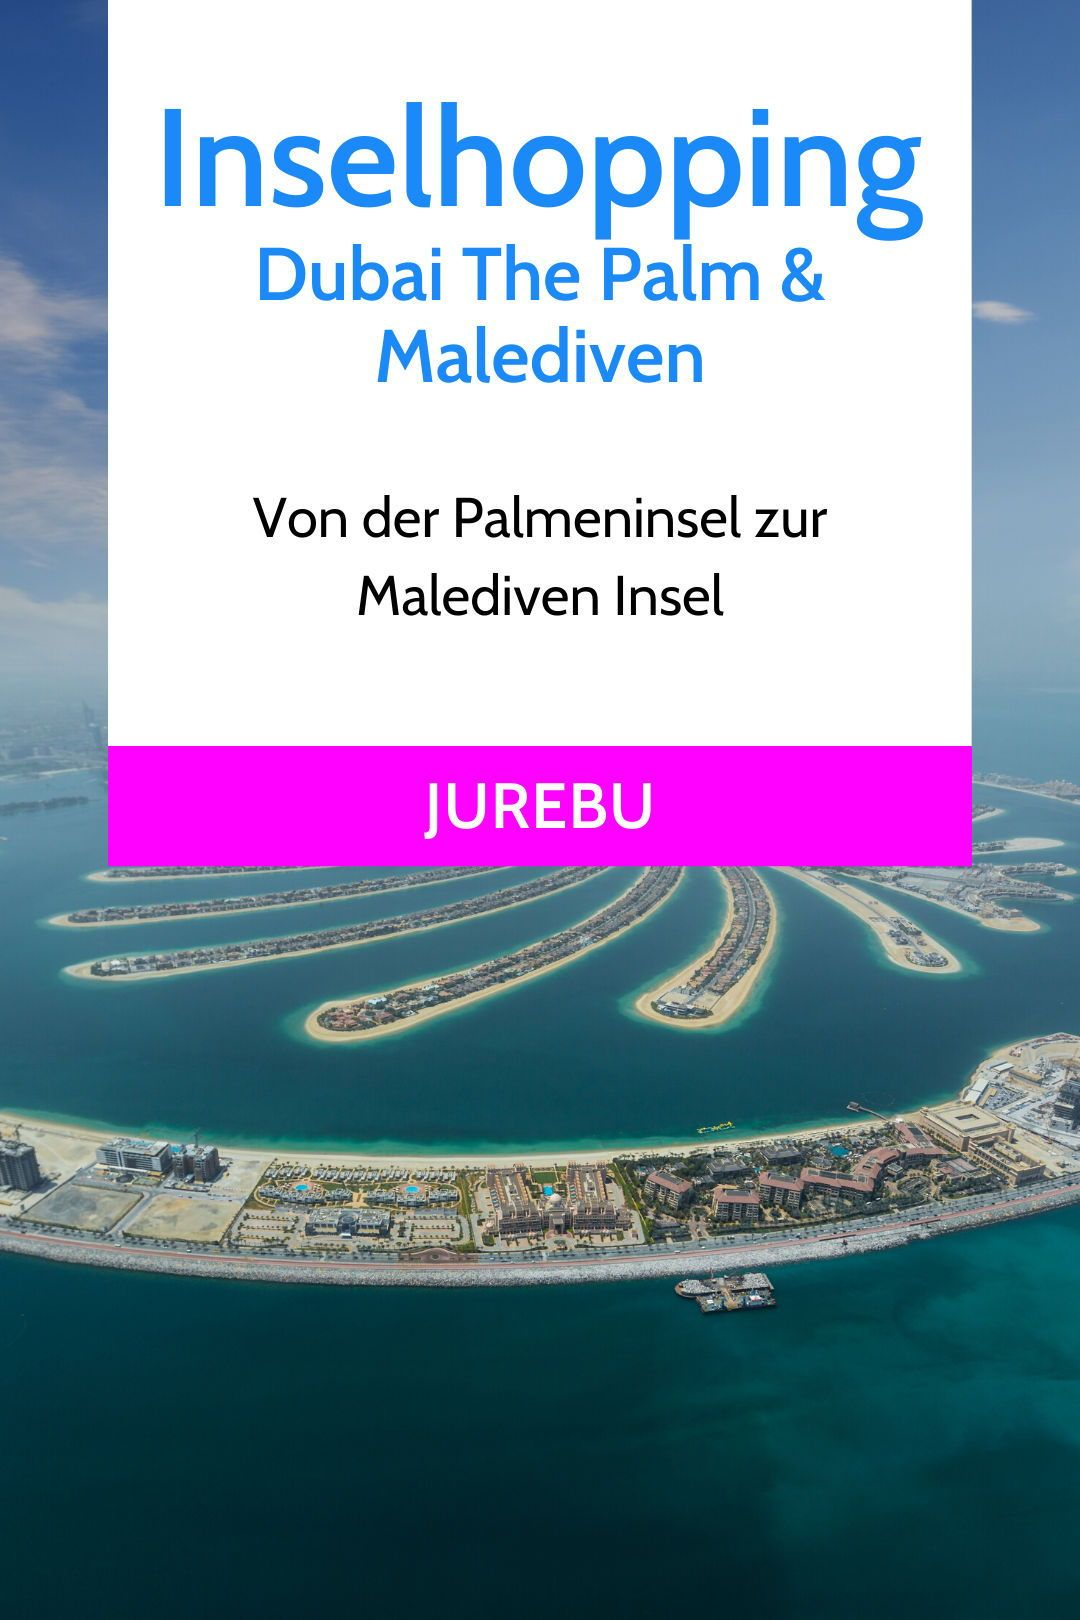 Feiern Sie Ihren Runden Geburtstag Entweder Im Aloft Palm Jumeirah